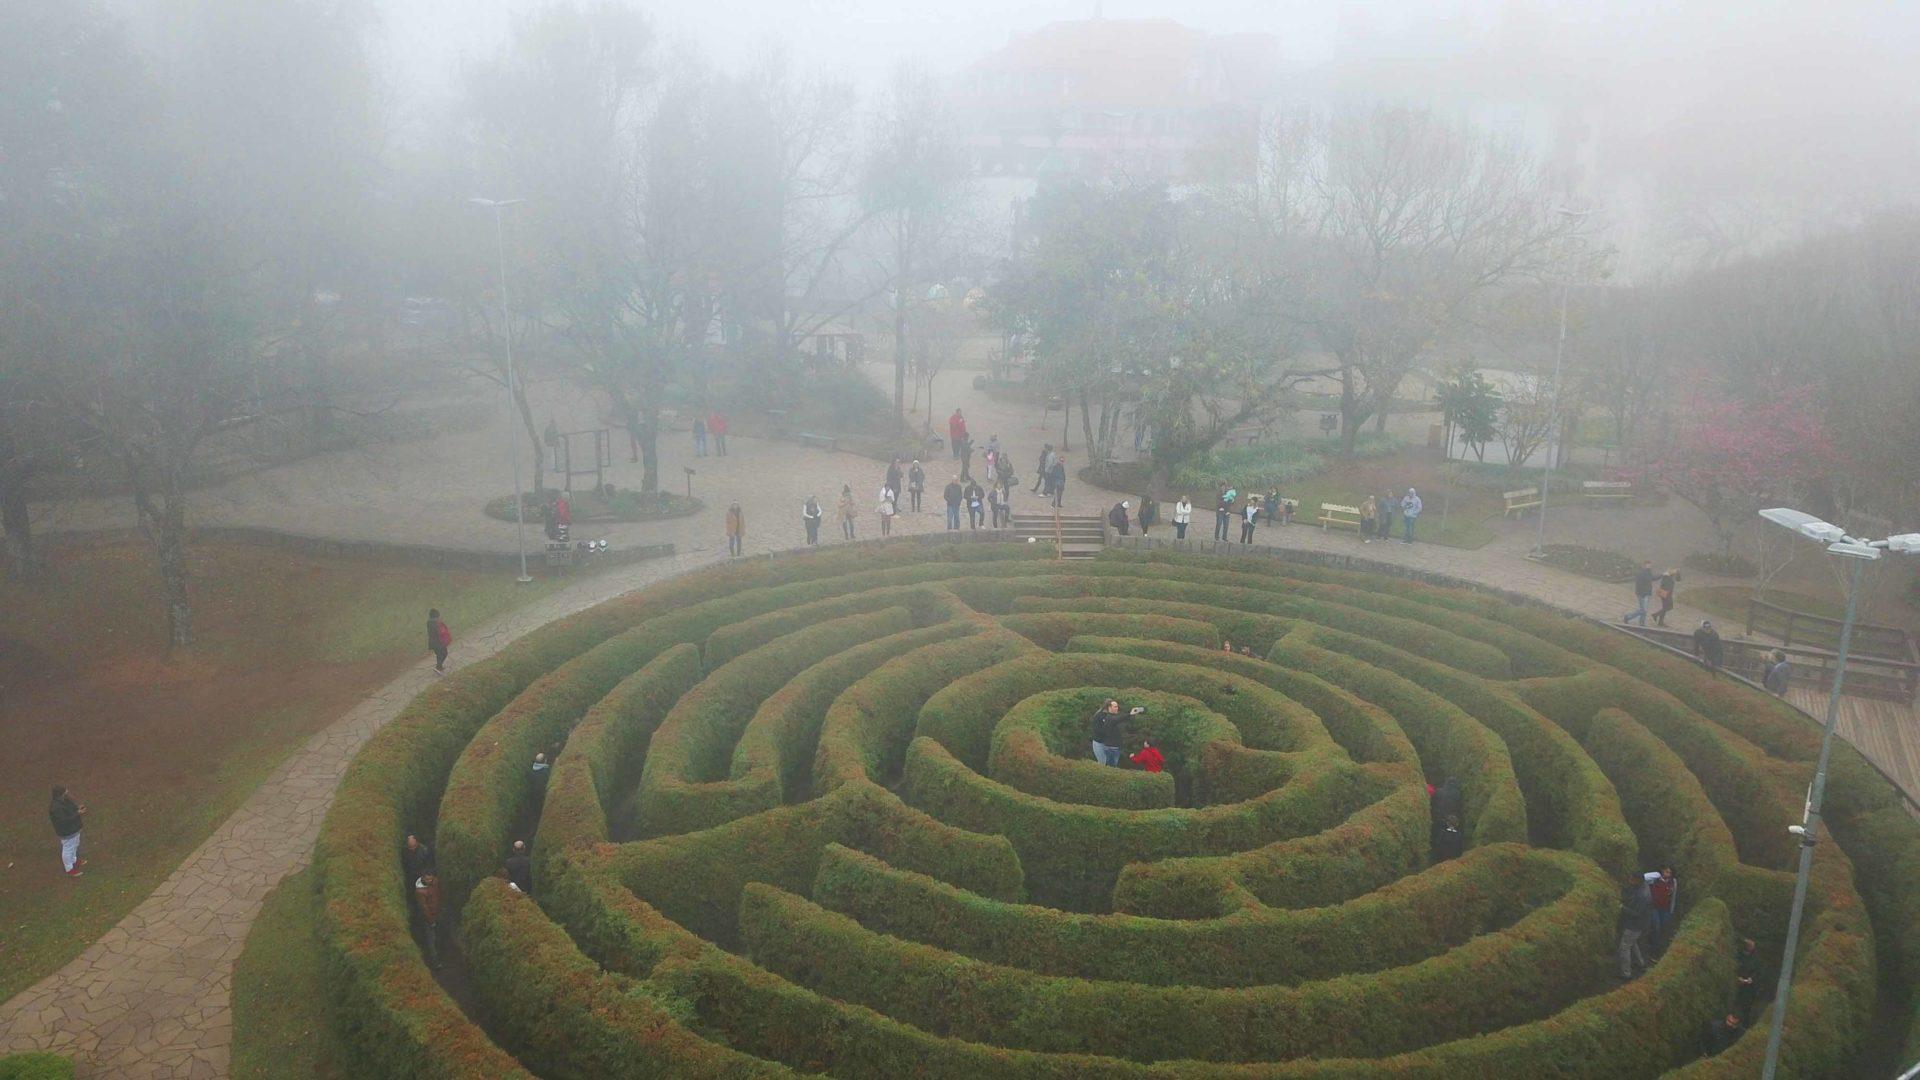 Labirinto Verde de Nova Petrópolis - Luciano Palumbo TurismoETC